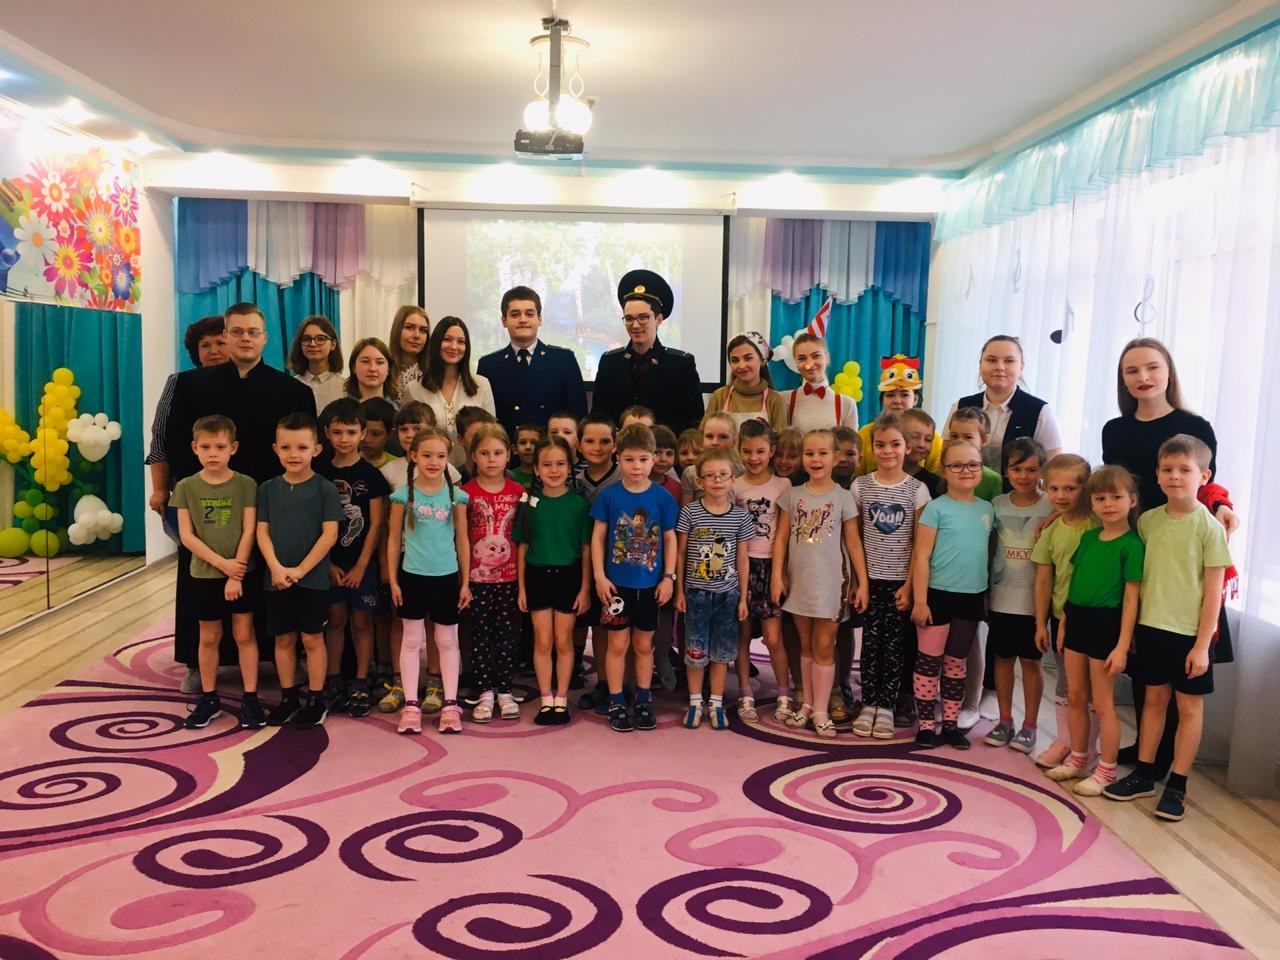 Активисты Тамбовского филиала РАНХиГС провели развлекательную программу в детском саду №18 «Ручеек», фото-4